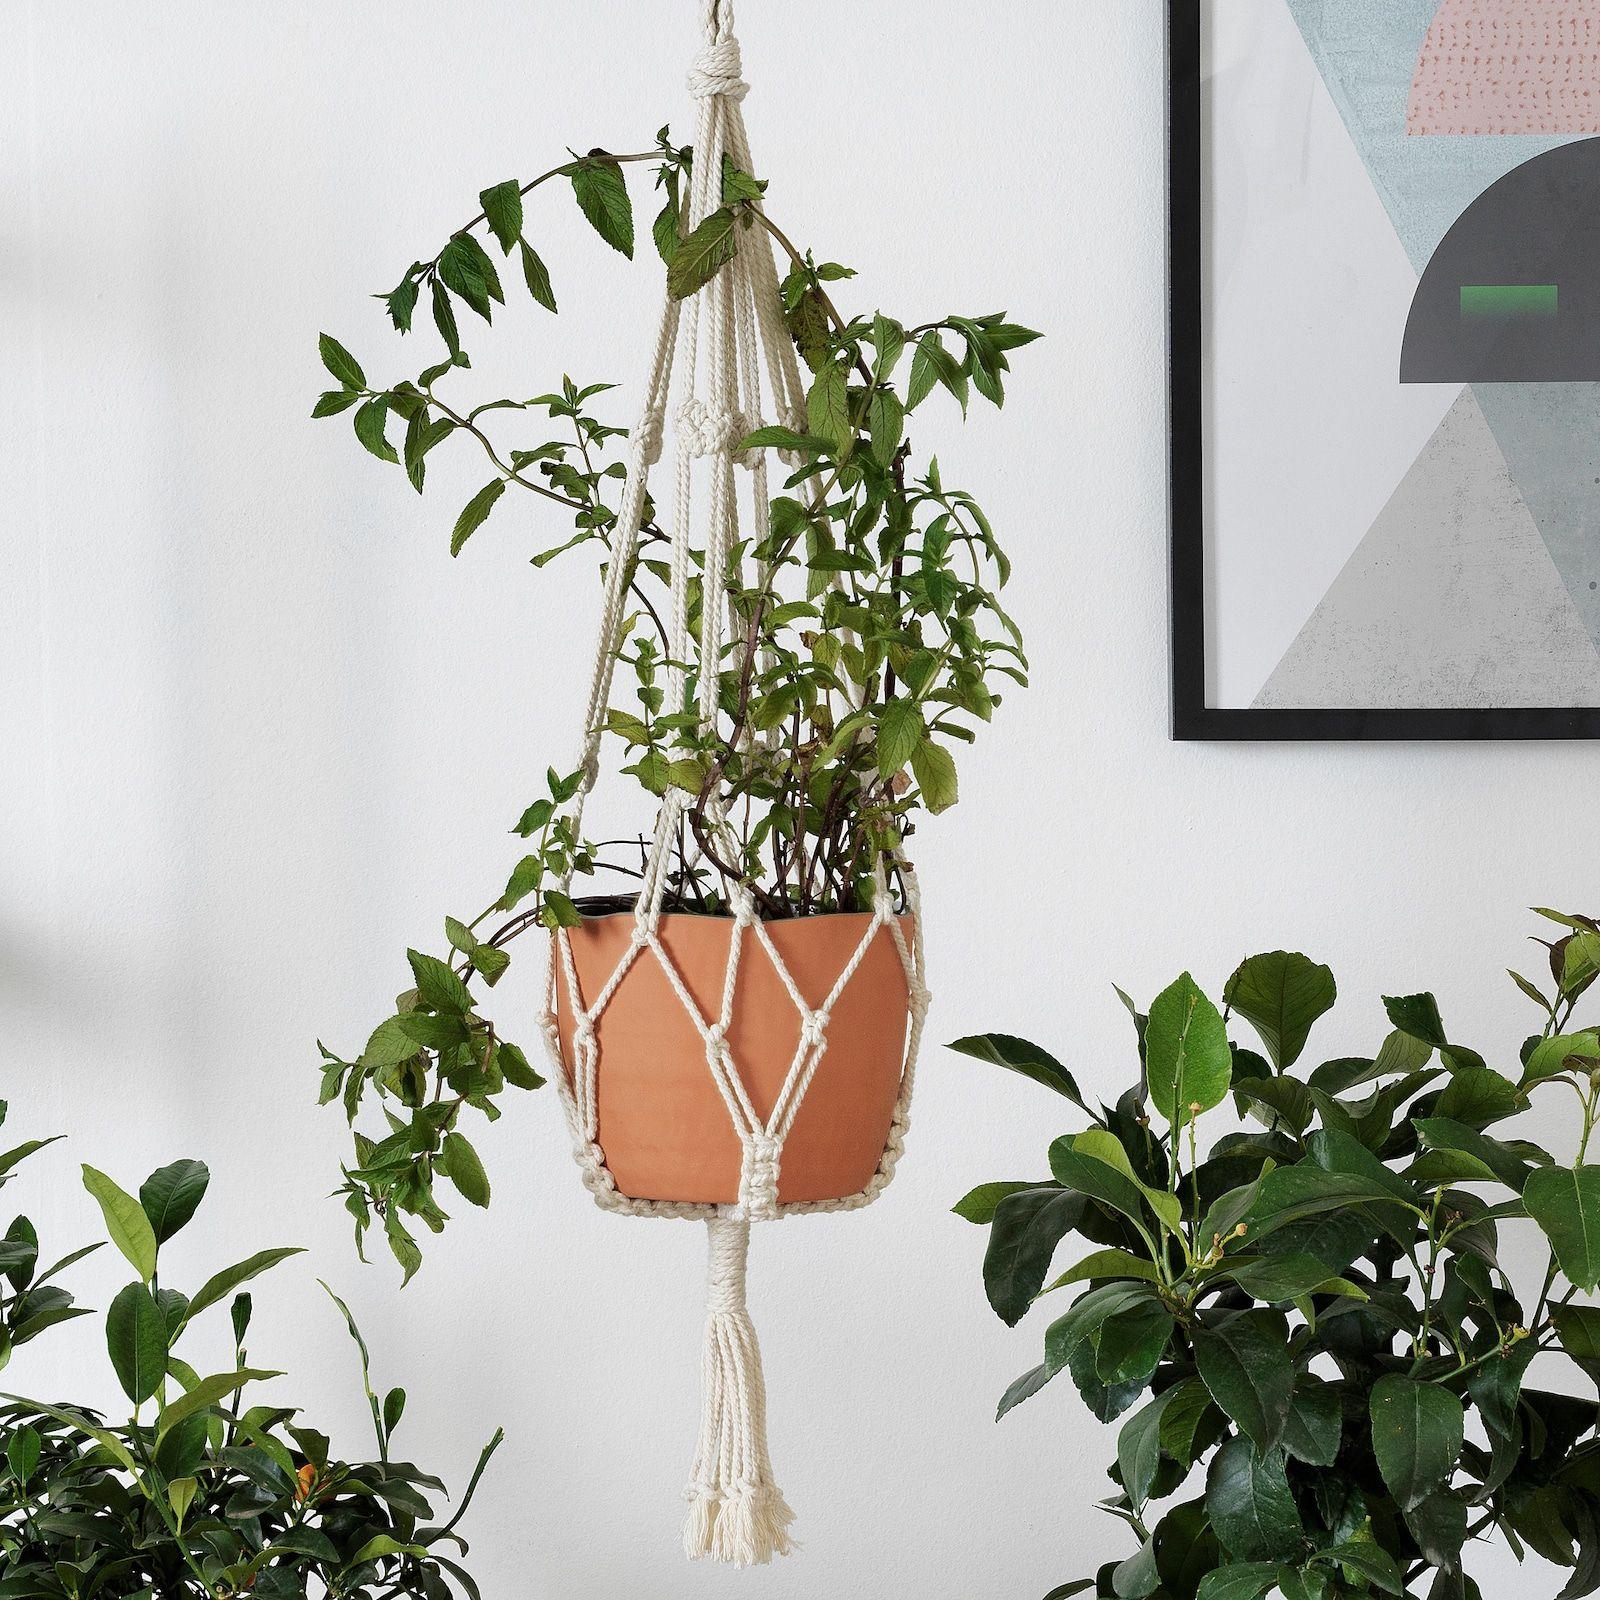 Botanisk Plant Pot Hanger Beige Handmade Ikea In 2020 Ikea Plant Hanger Pot Hanger Ikea Plants